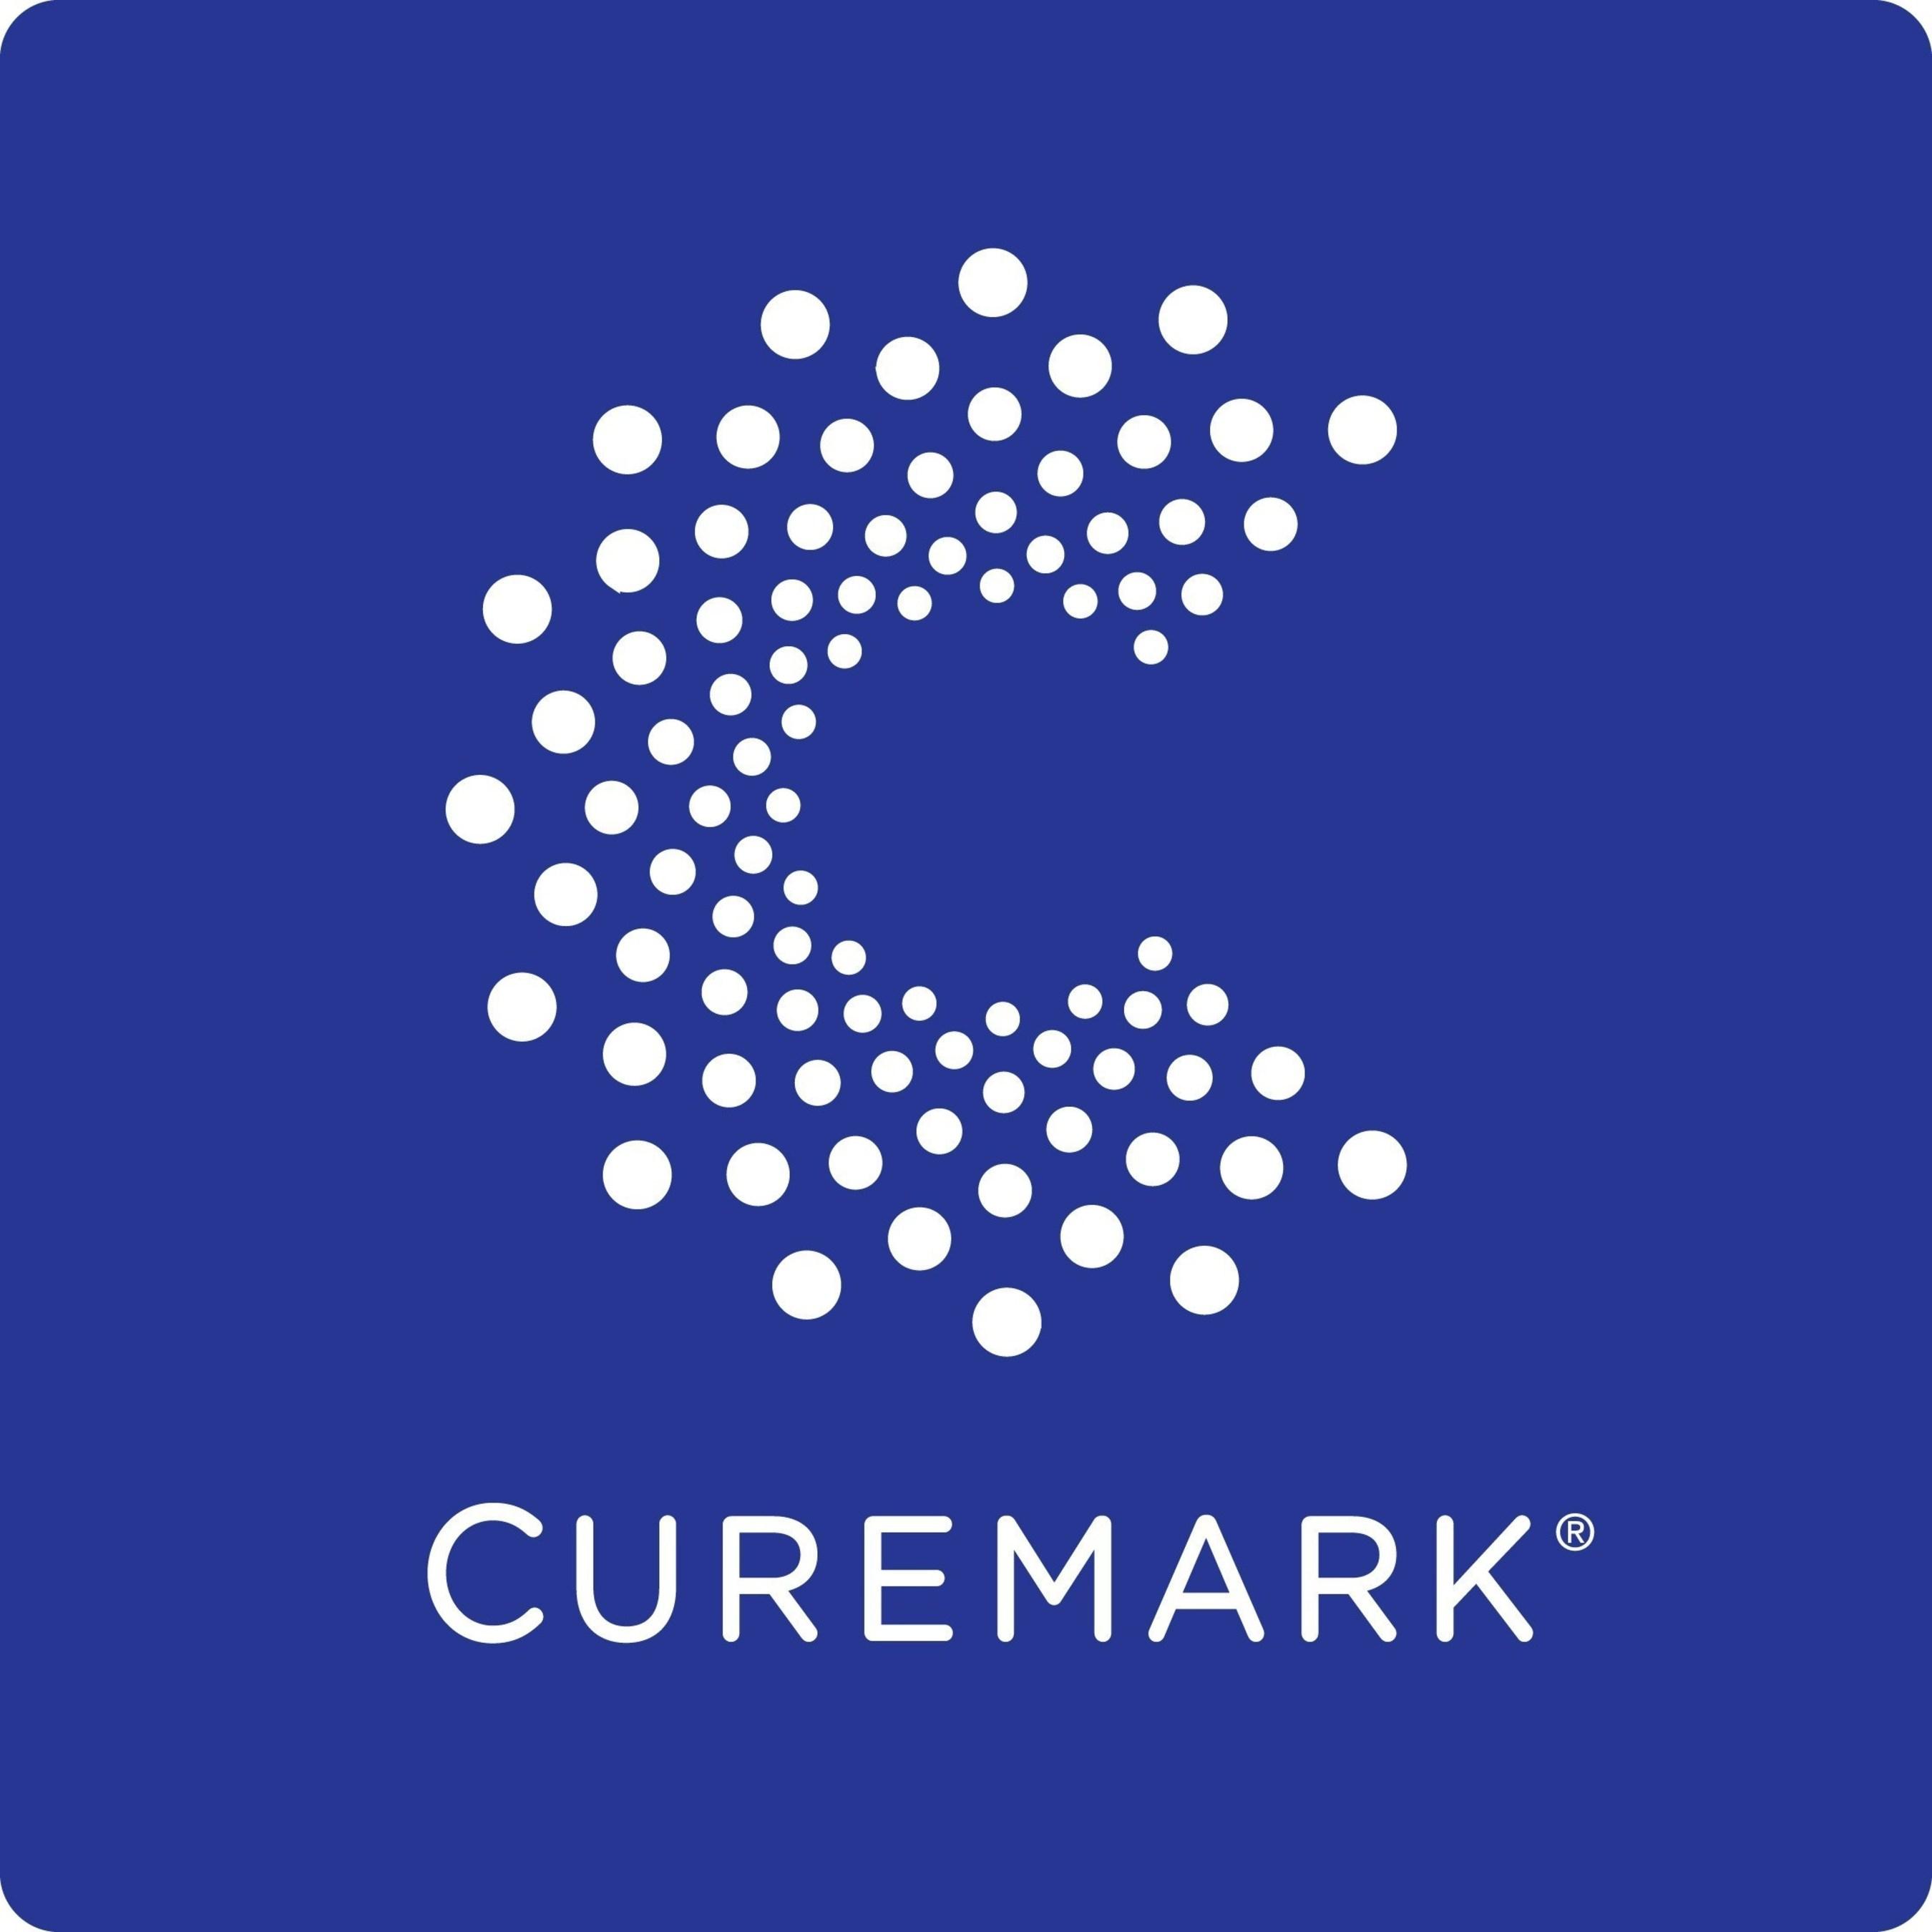 Curemark, LLC